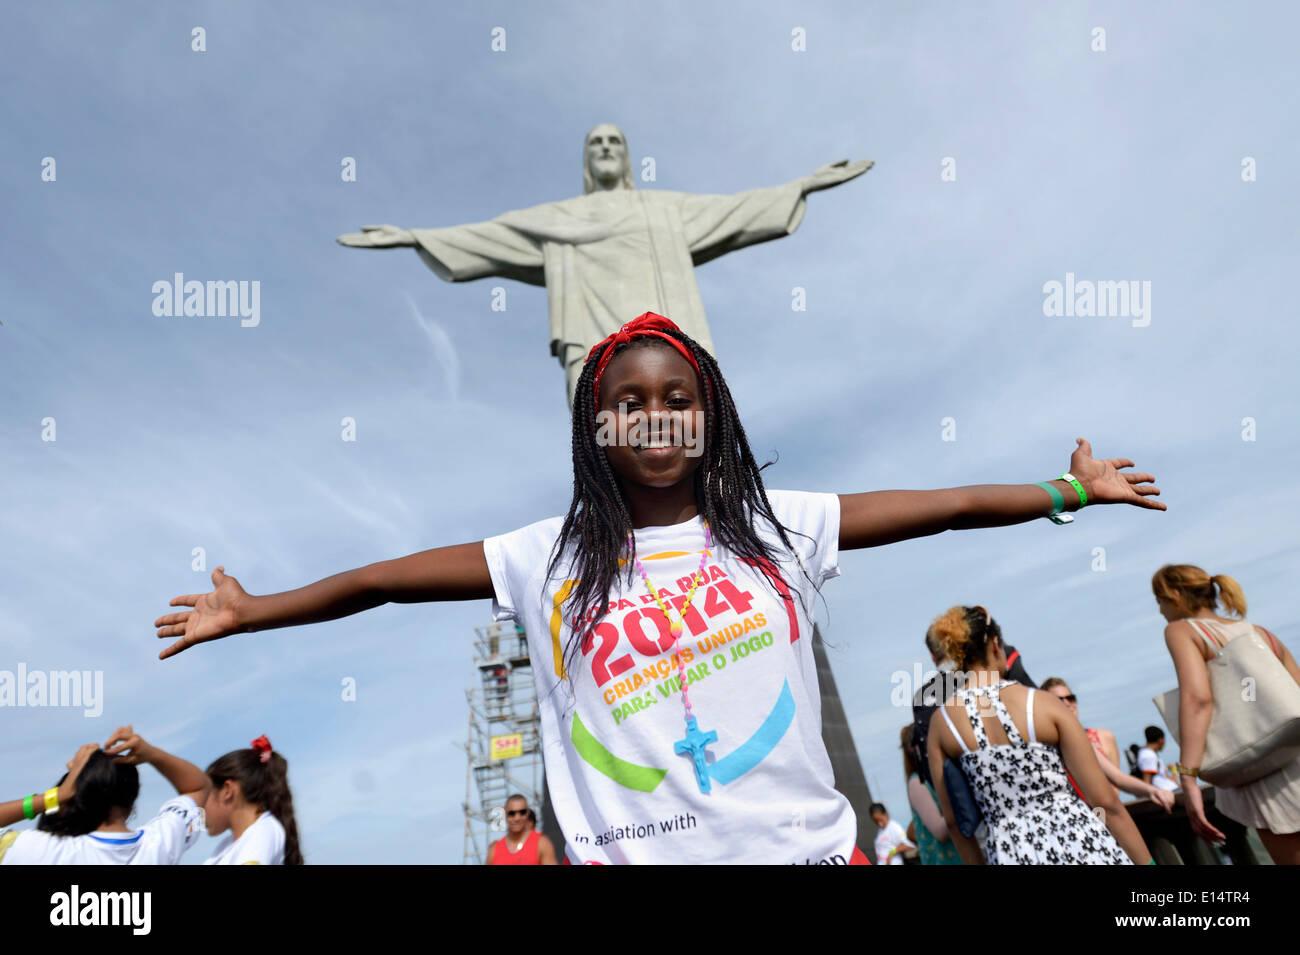 Joven de Mozambique con sus brazos extendidos delante de la estatua del Cristo Redentor, Cristo Redentor Imagen De Stock